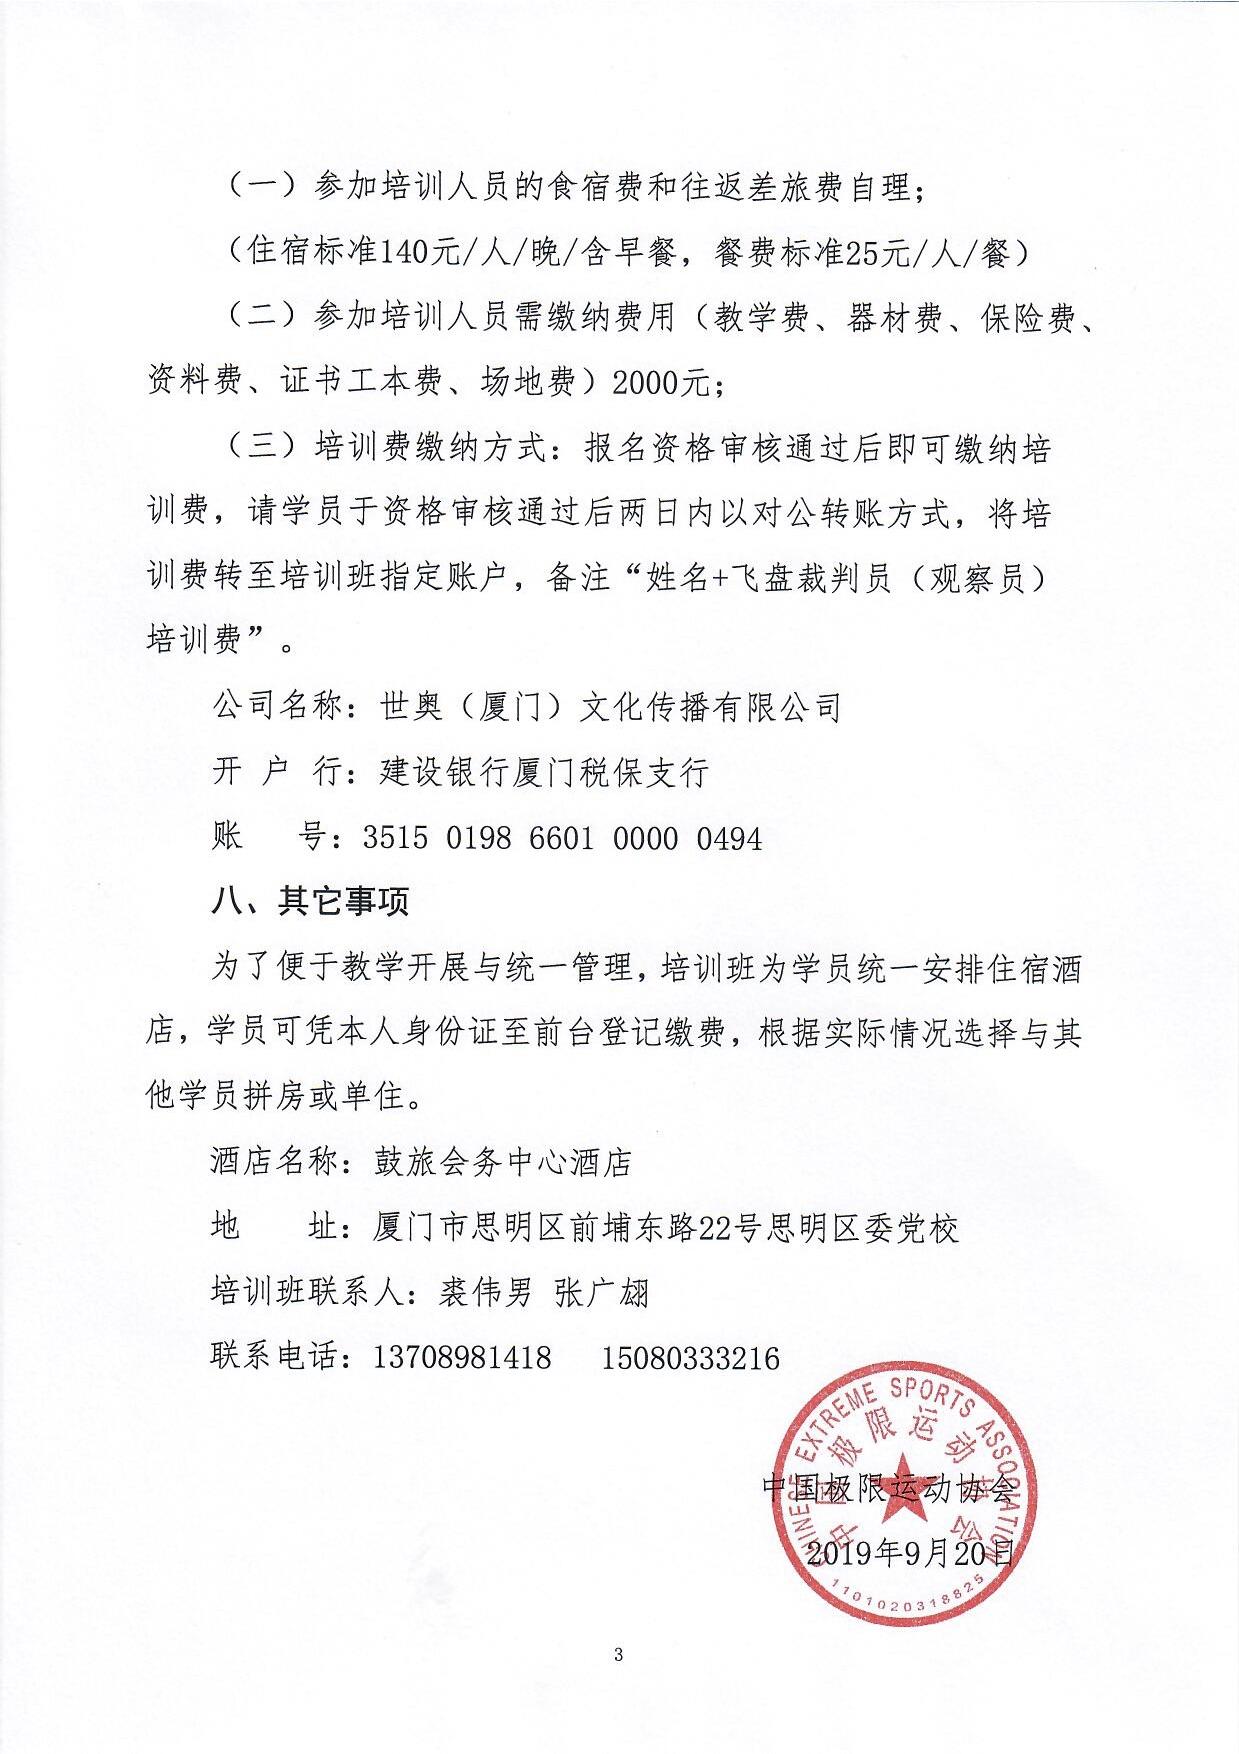 关于中国极限运动协会举办首期全国飞盘观察员及赛事执行官培训班的通知3